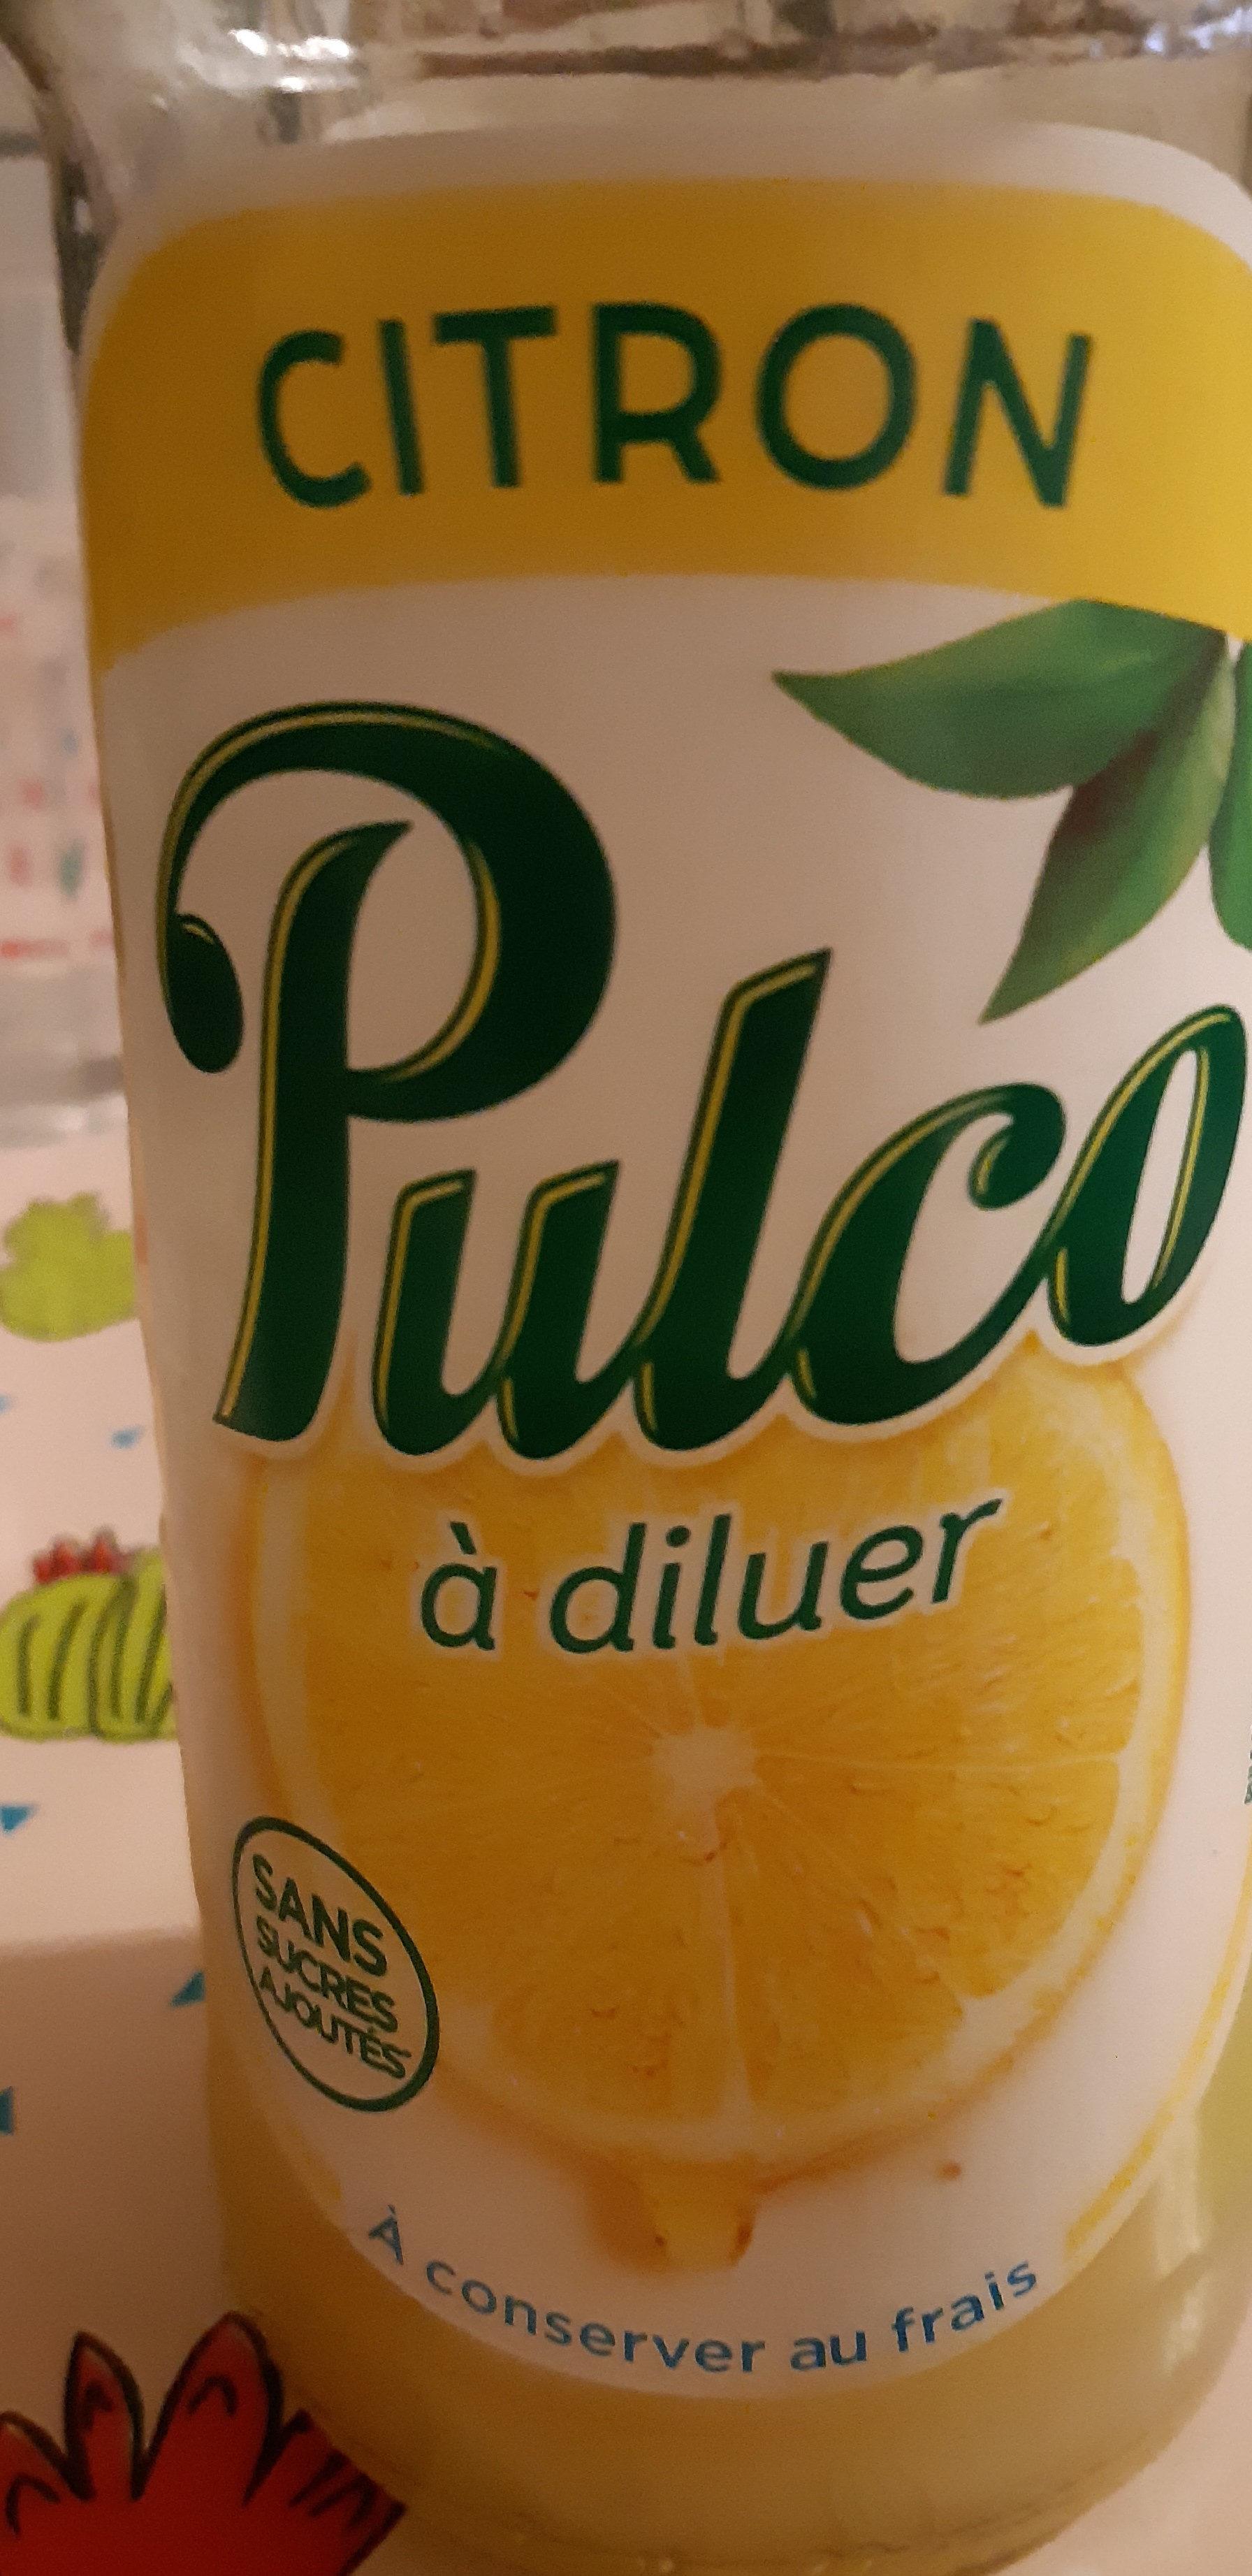 pulco citron - Produit